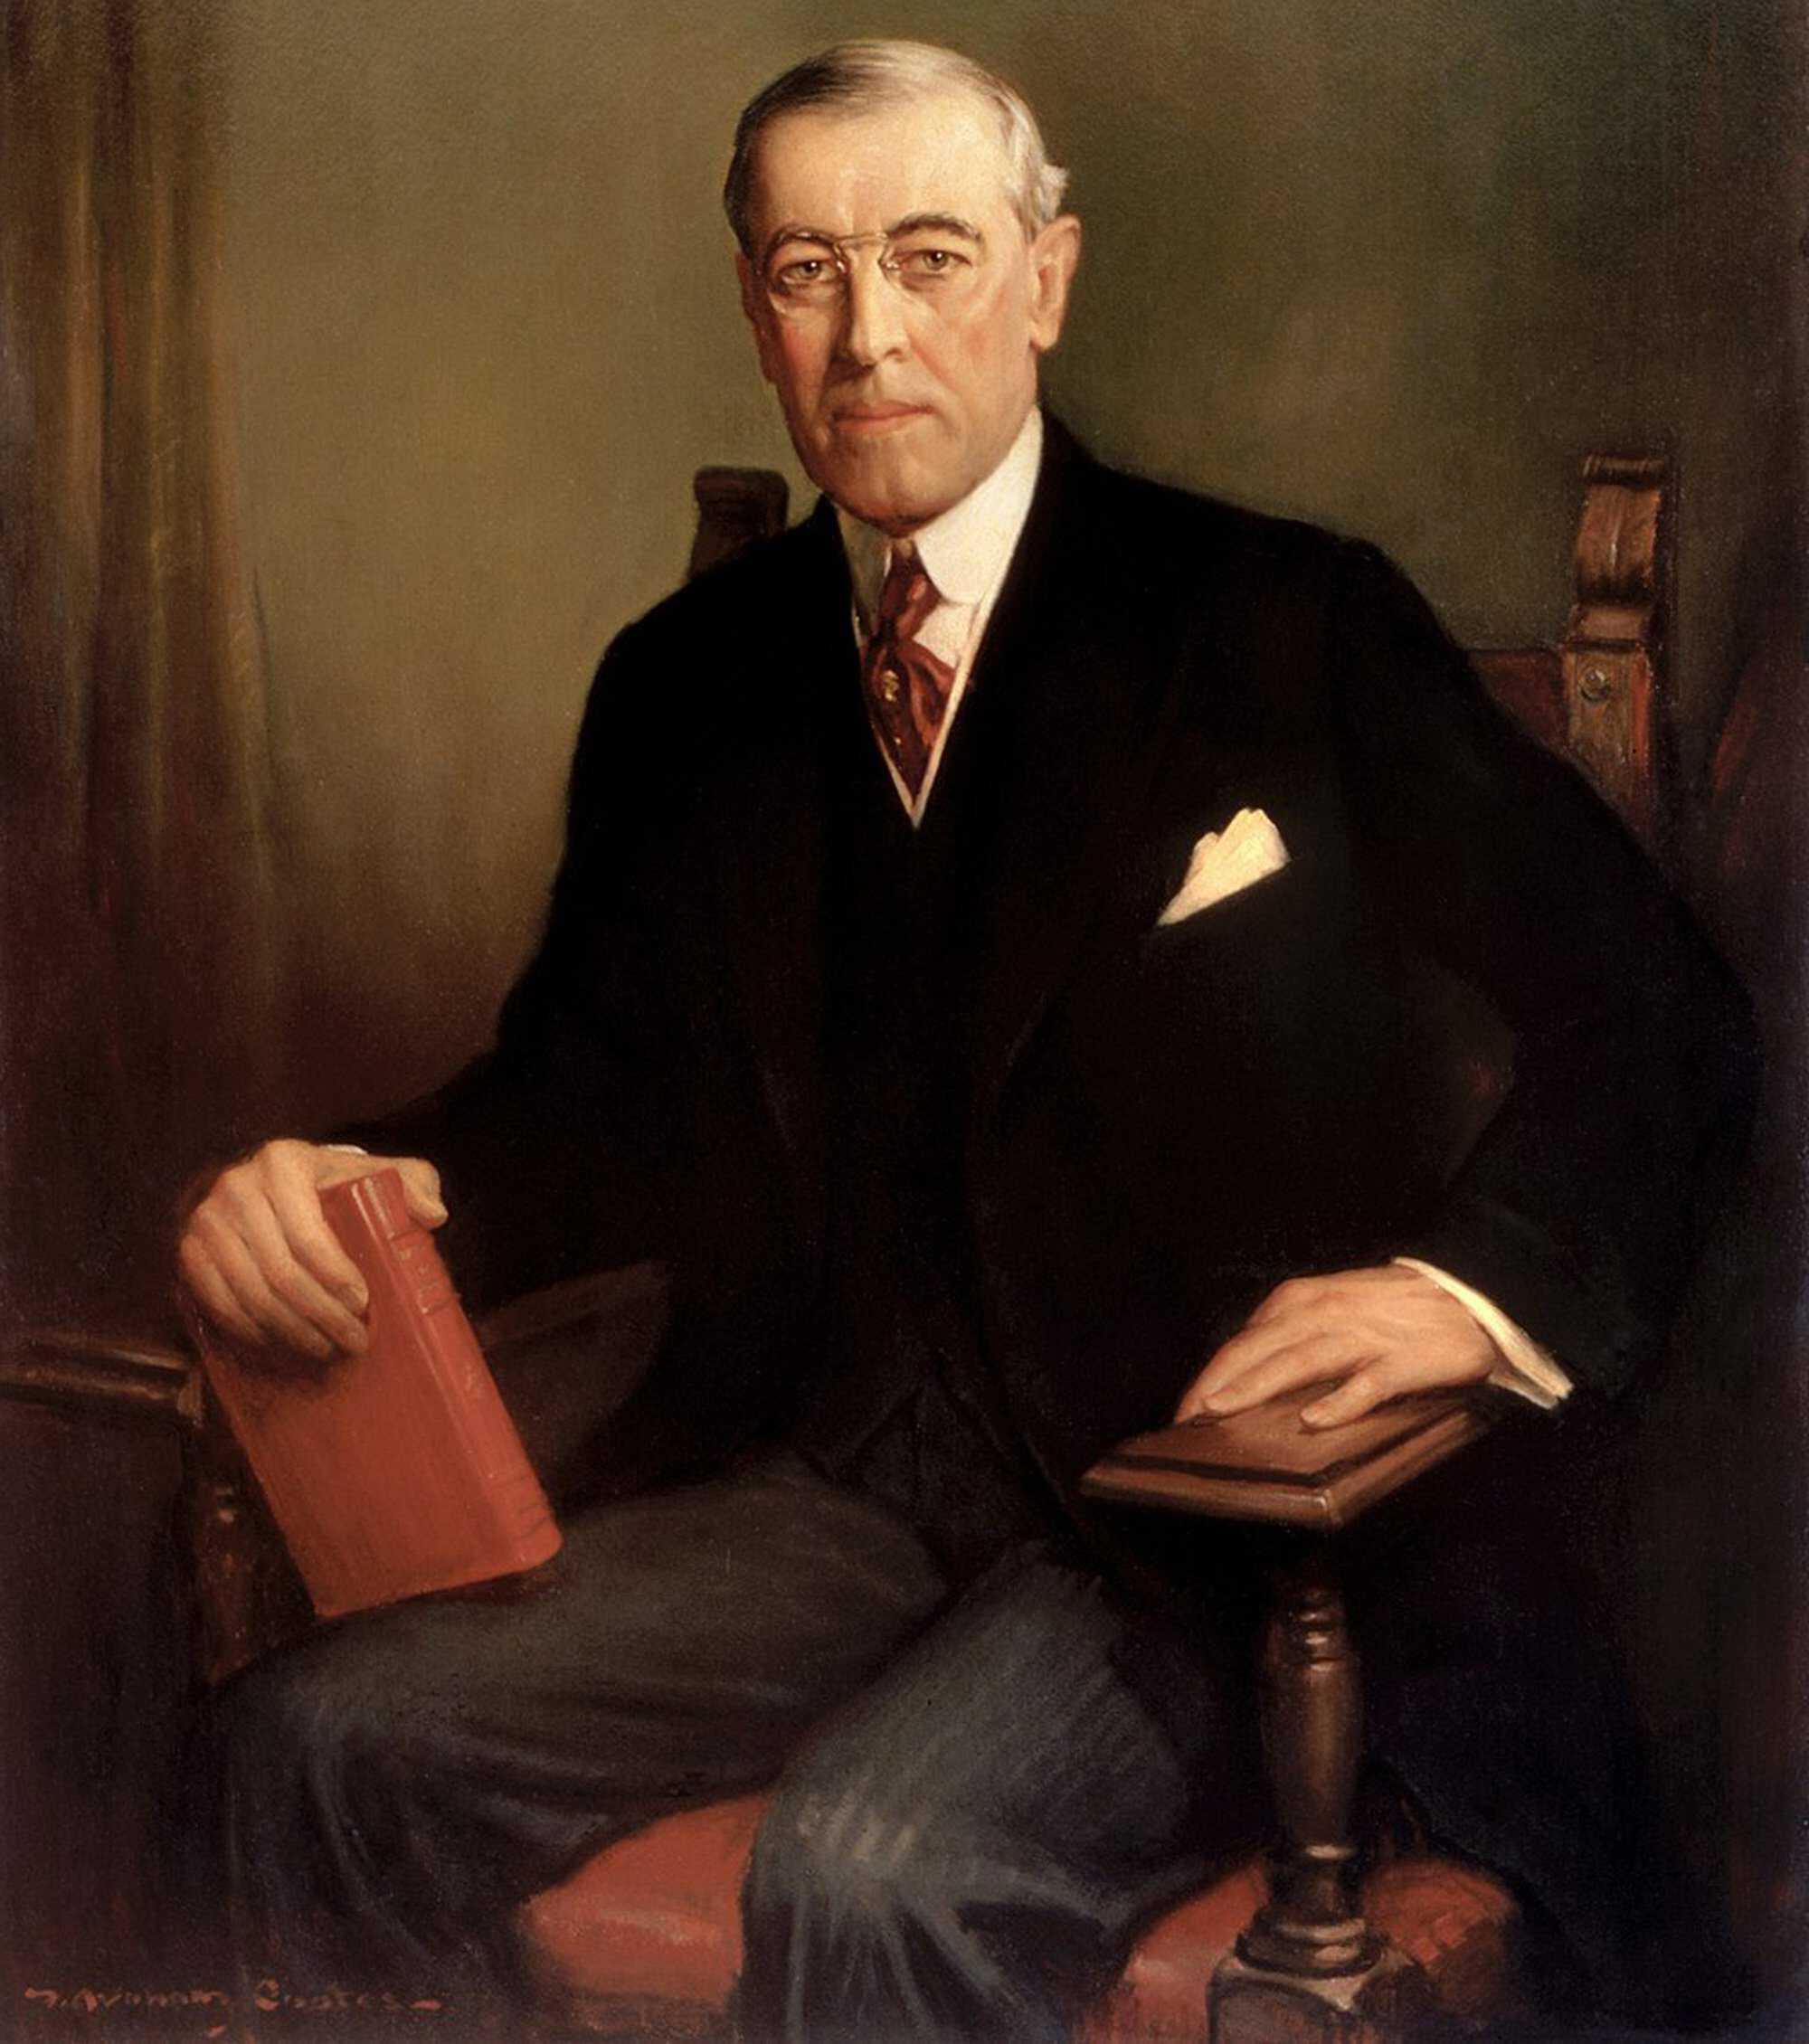 Wilson-legislation-Official-Presidential-portrait-1912.jpg